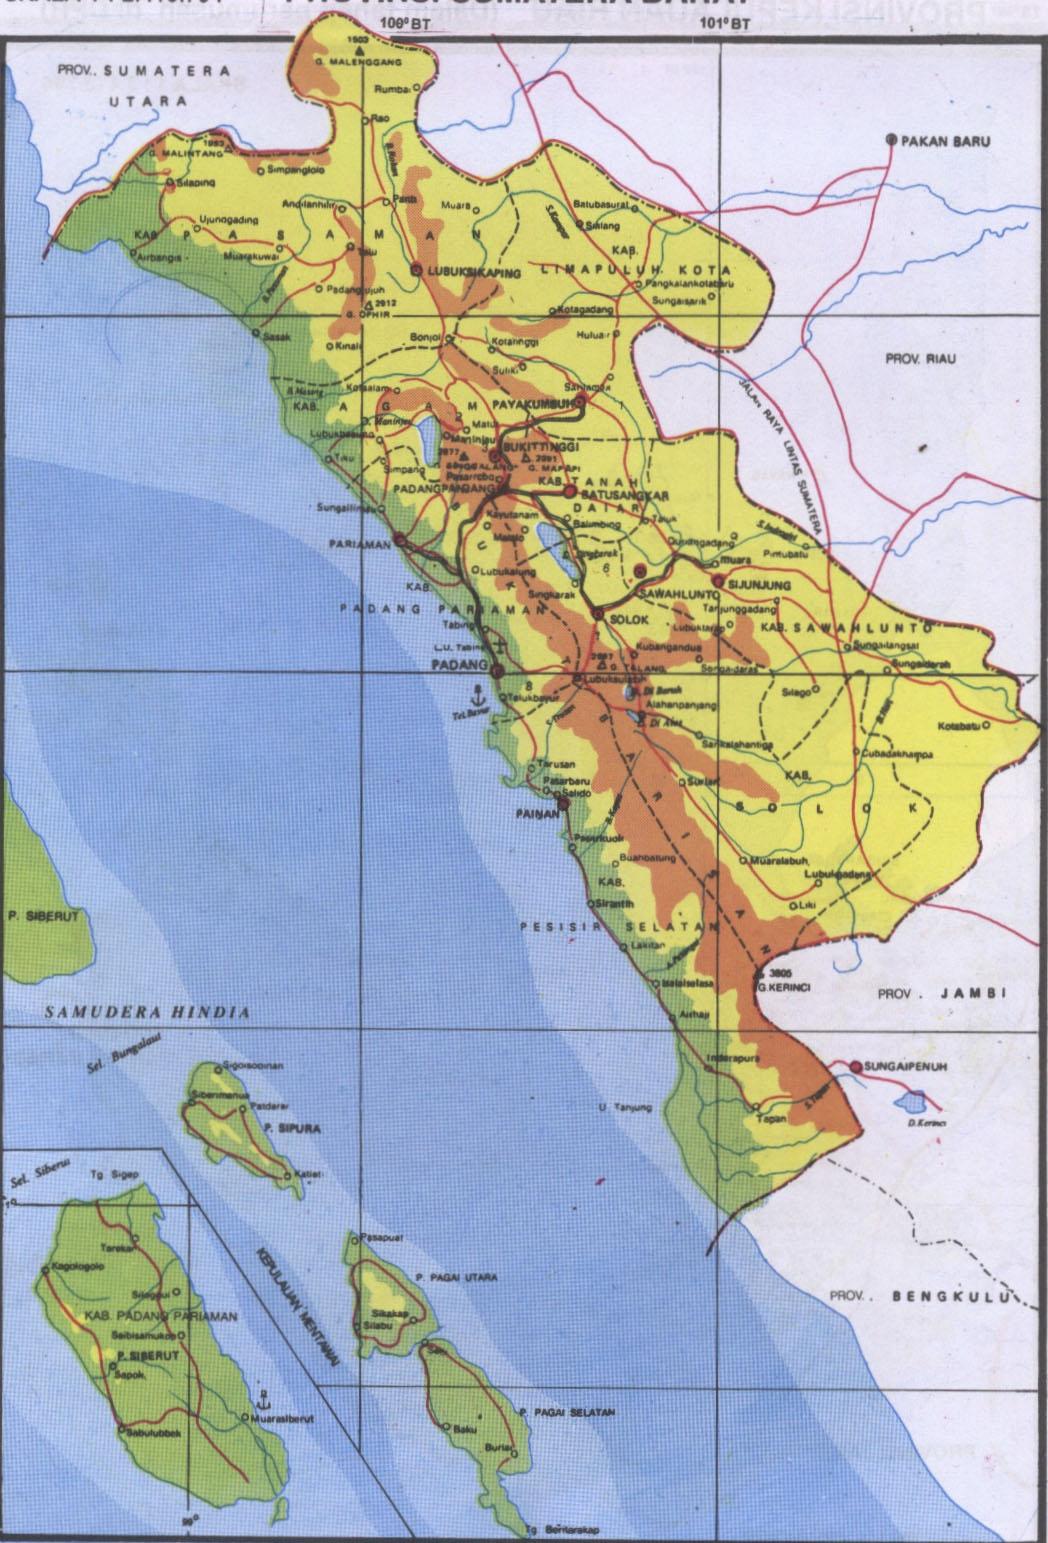 Peta Provinsi Sumatera Barat  Malioboro